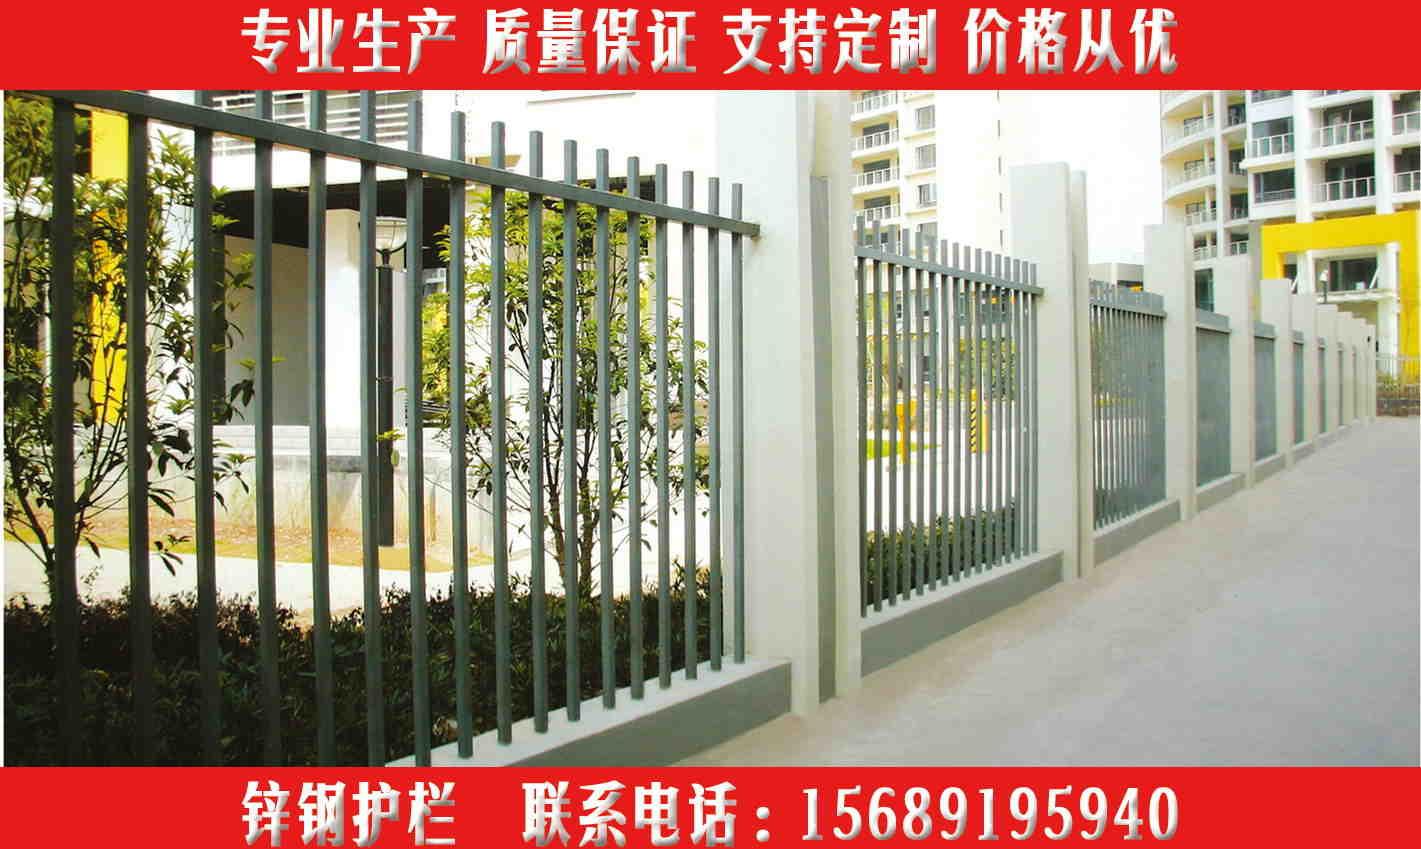 锌钢护栏铁艺护栏围墙铁艺栏杆铁艺栅栏铁艺围栏好运金属有限公司